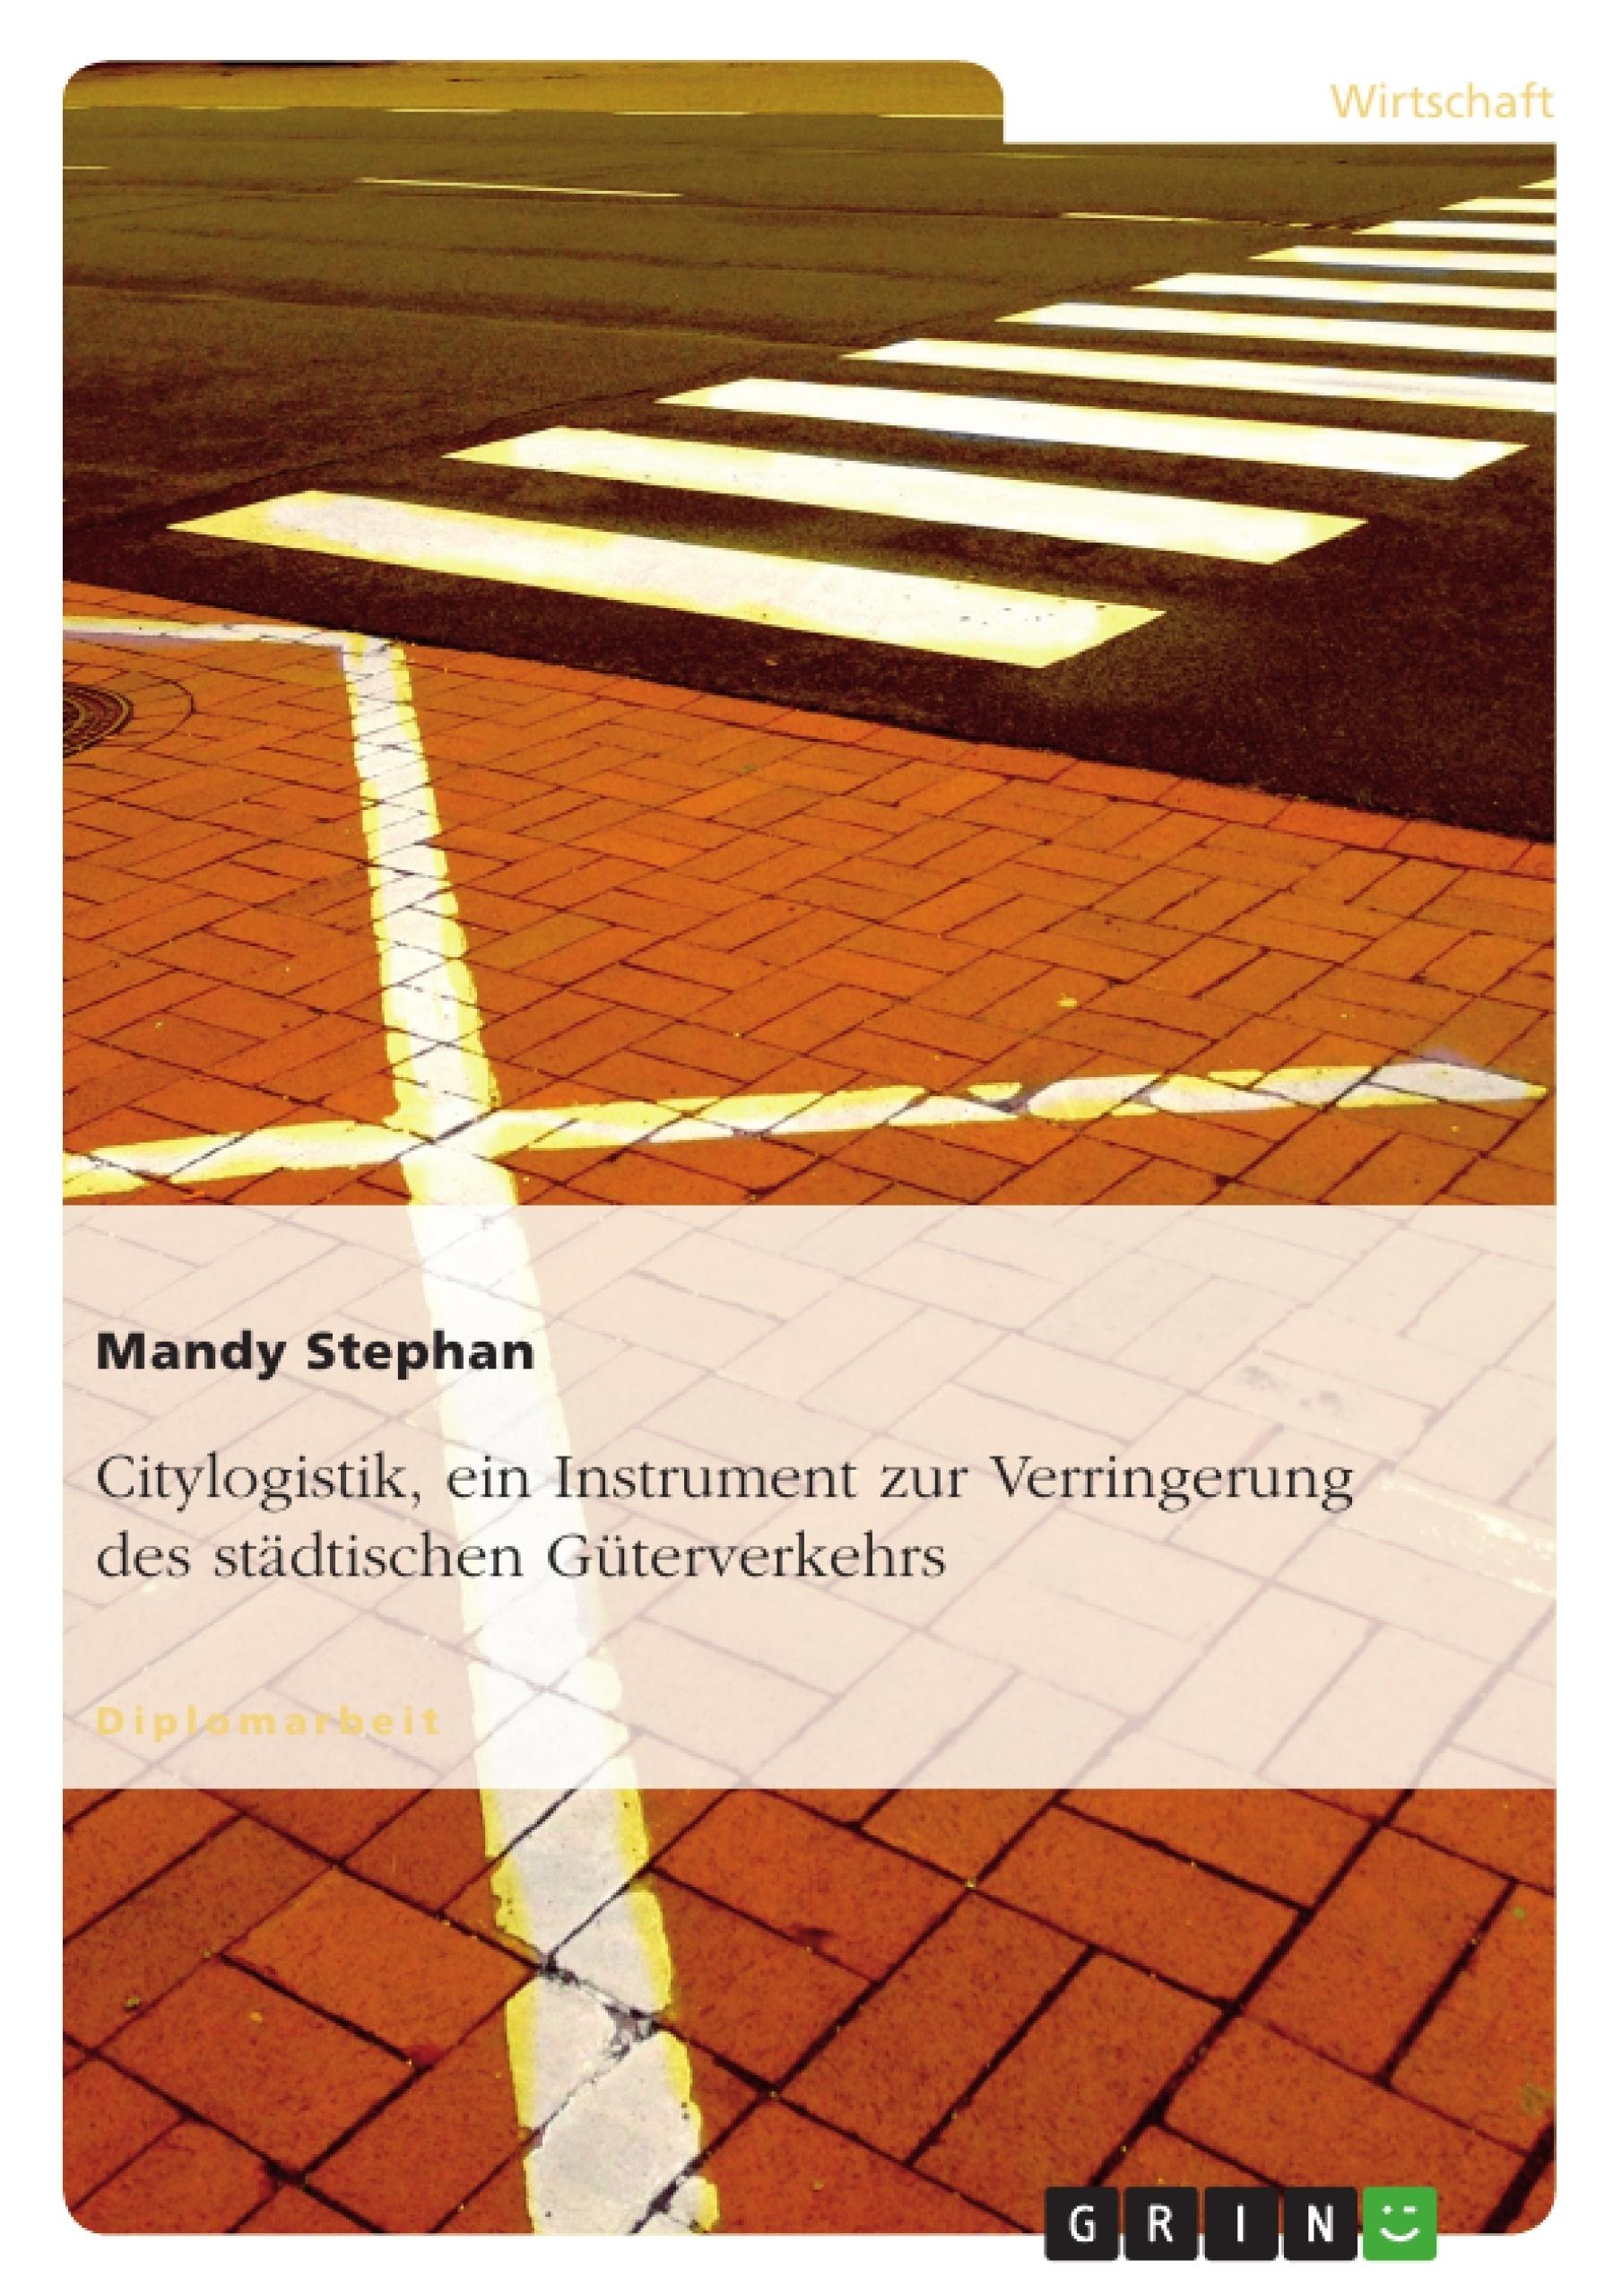 Titel: Citylogistik, ein Instrument zur Verringerung des städtischen Güterverkehrs